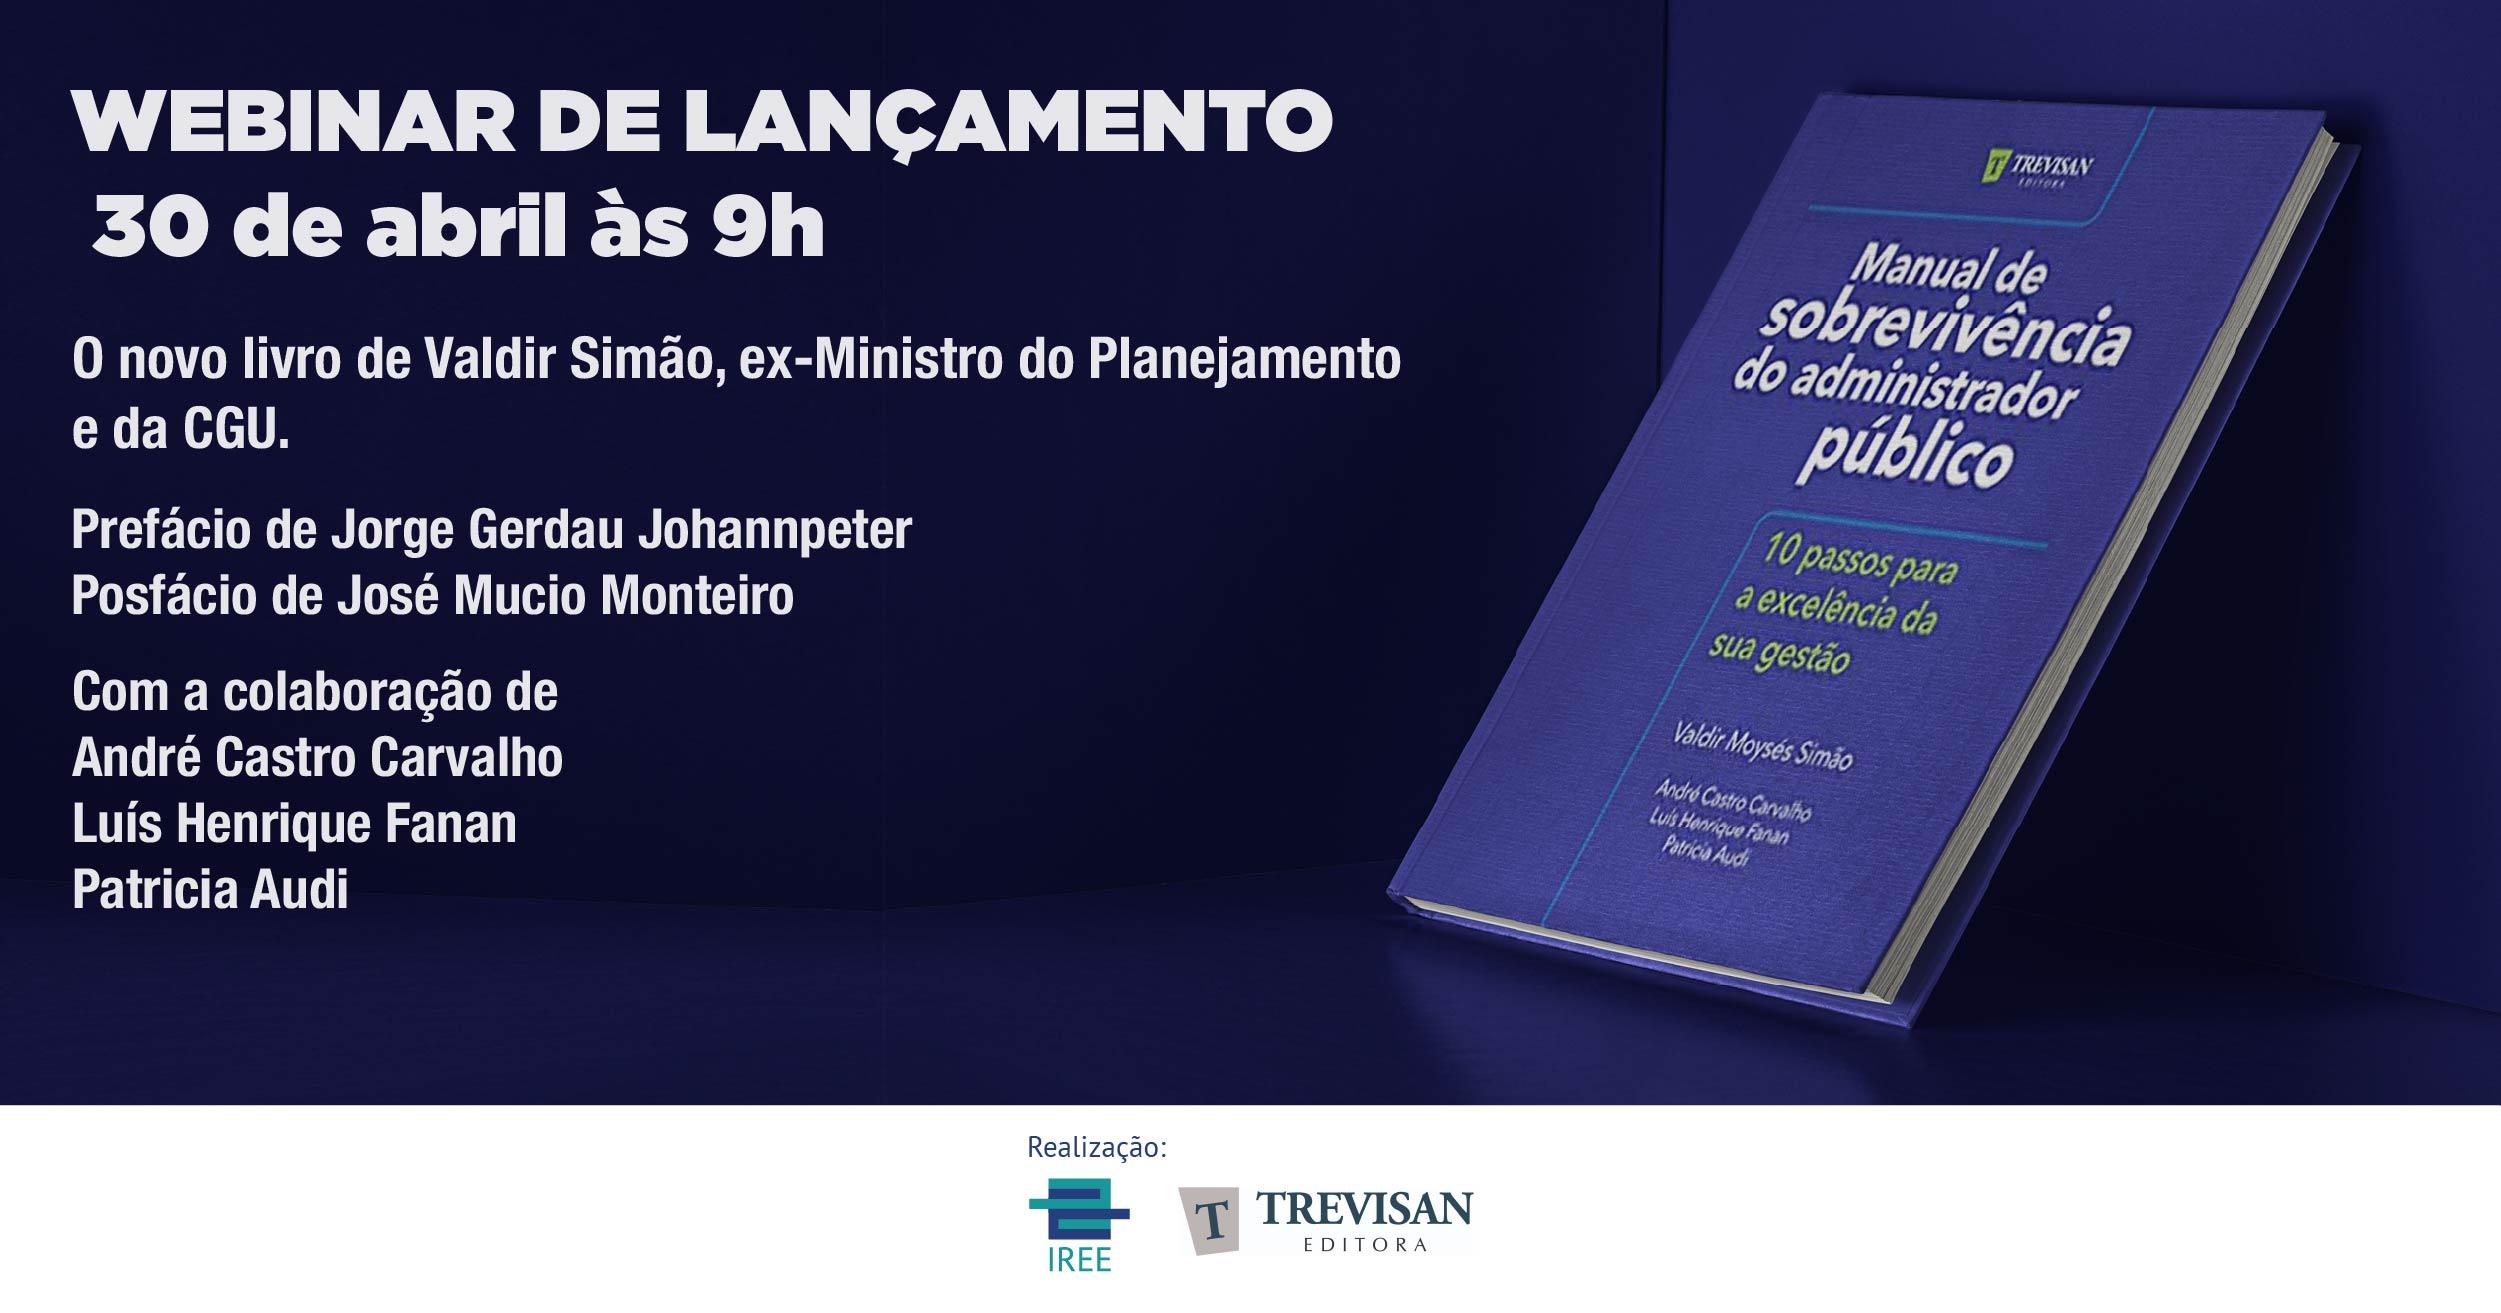 Lançamento do livro Manual de Sobrevivência do Administrador Público